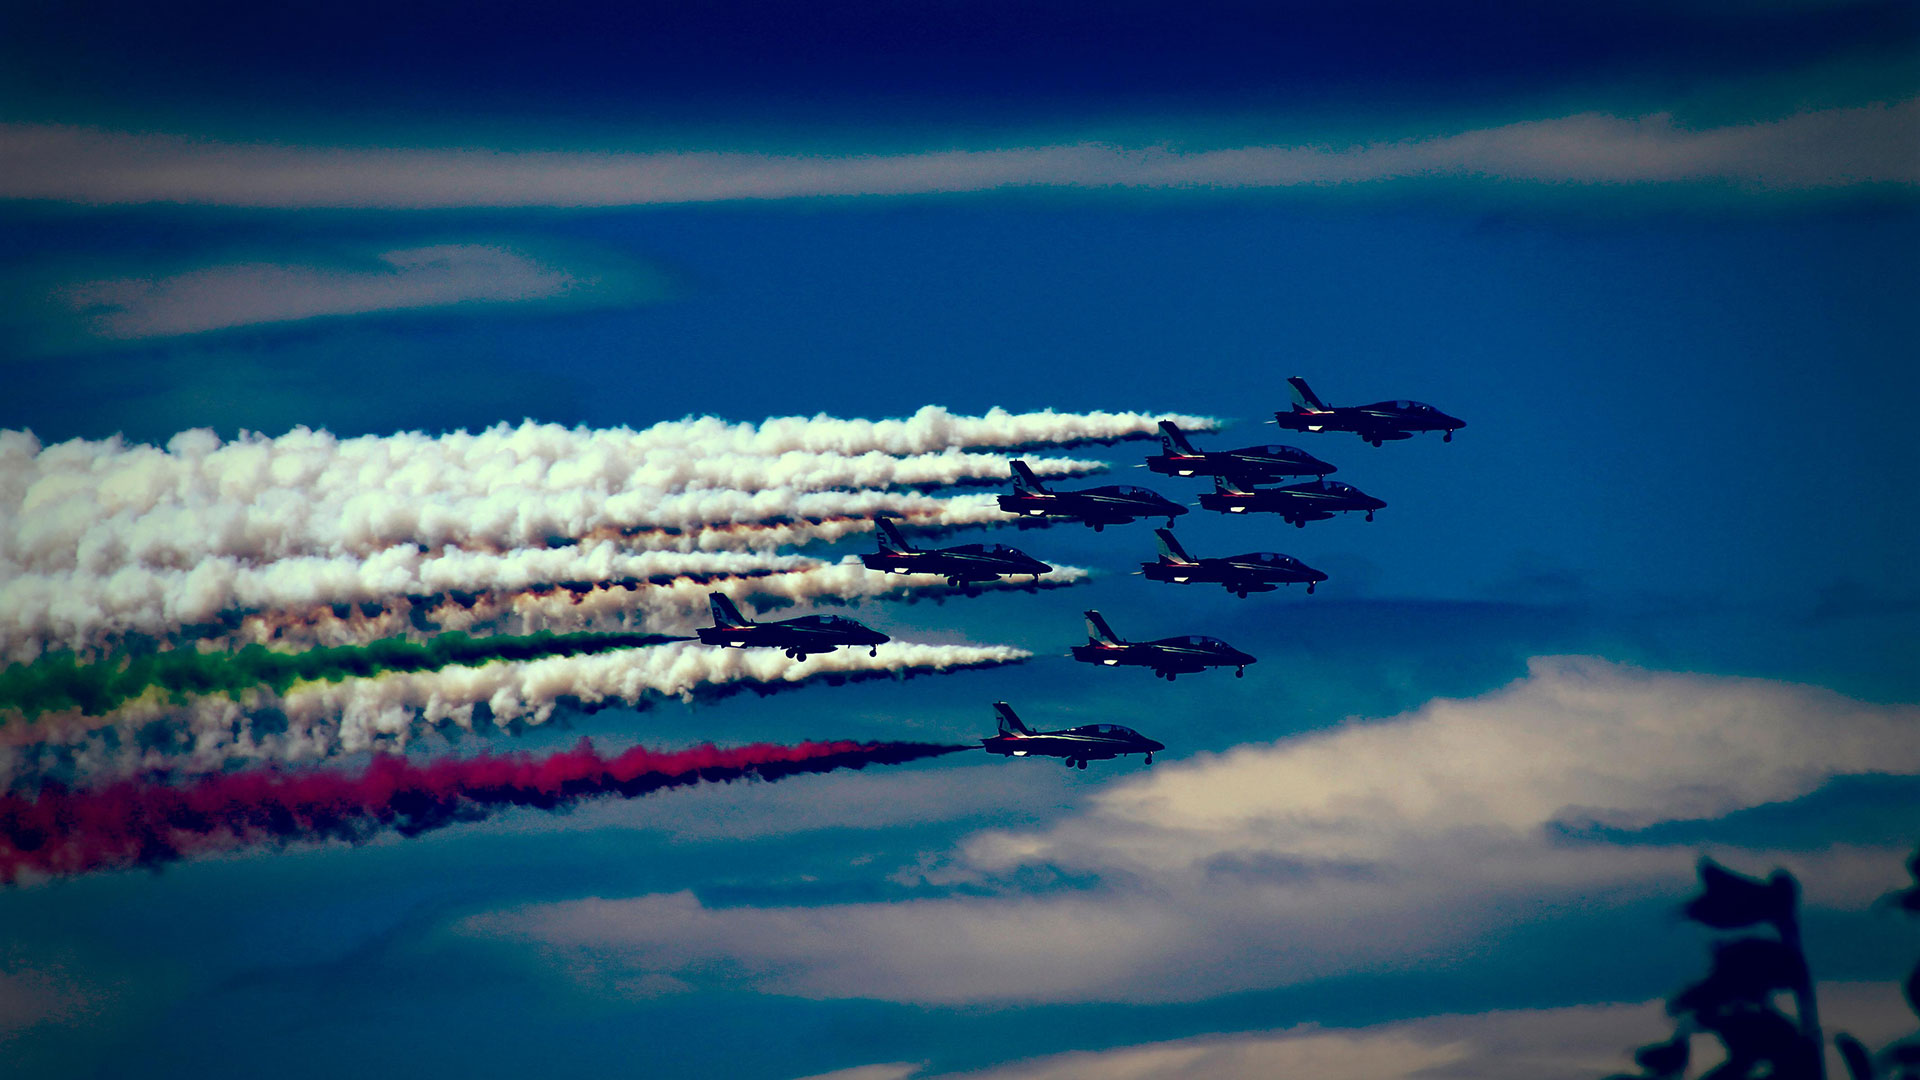 frecce-tricolori-60-anni-pan-pattuglia-acrobatica-nazionale-aeronautica-militare-(45)